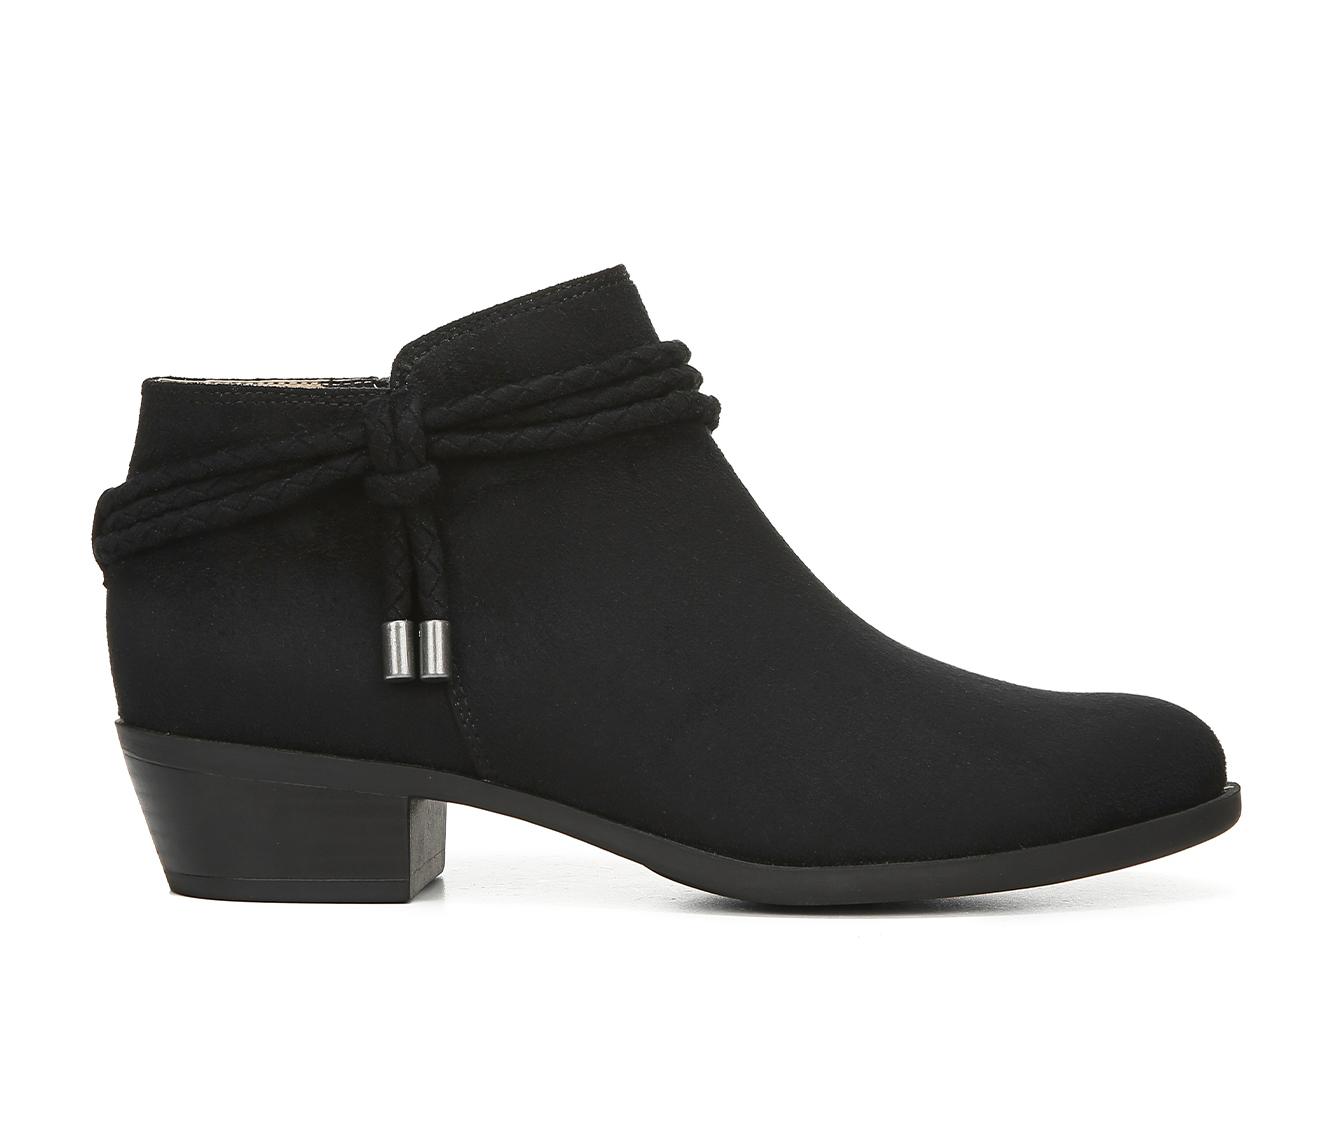 LifeStride Andrea Women's Boots (Black - Canvas)